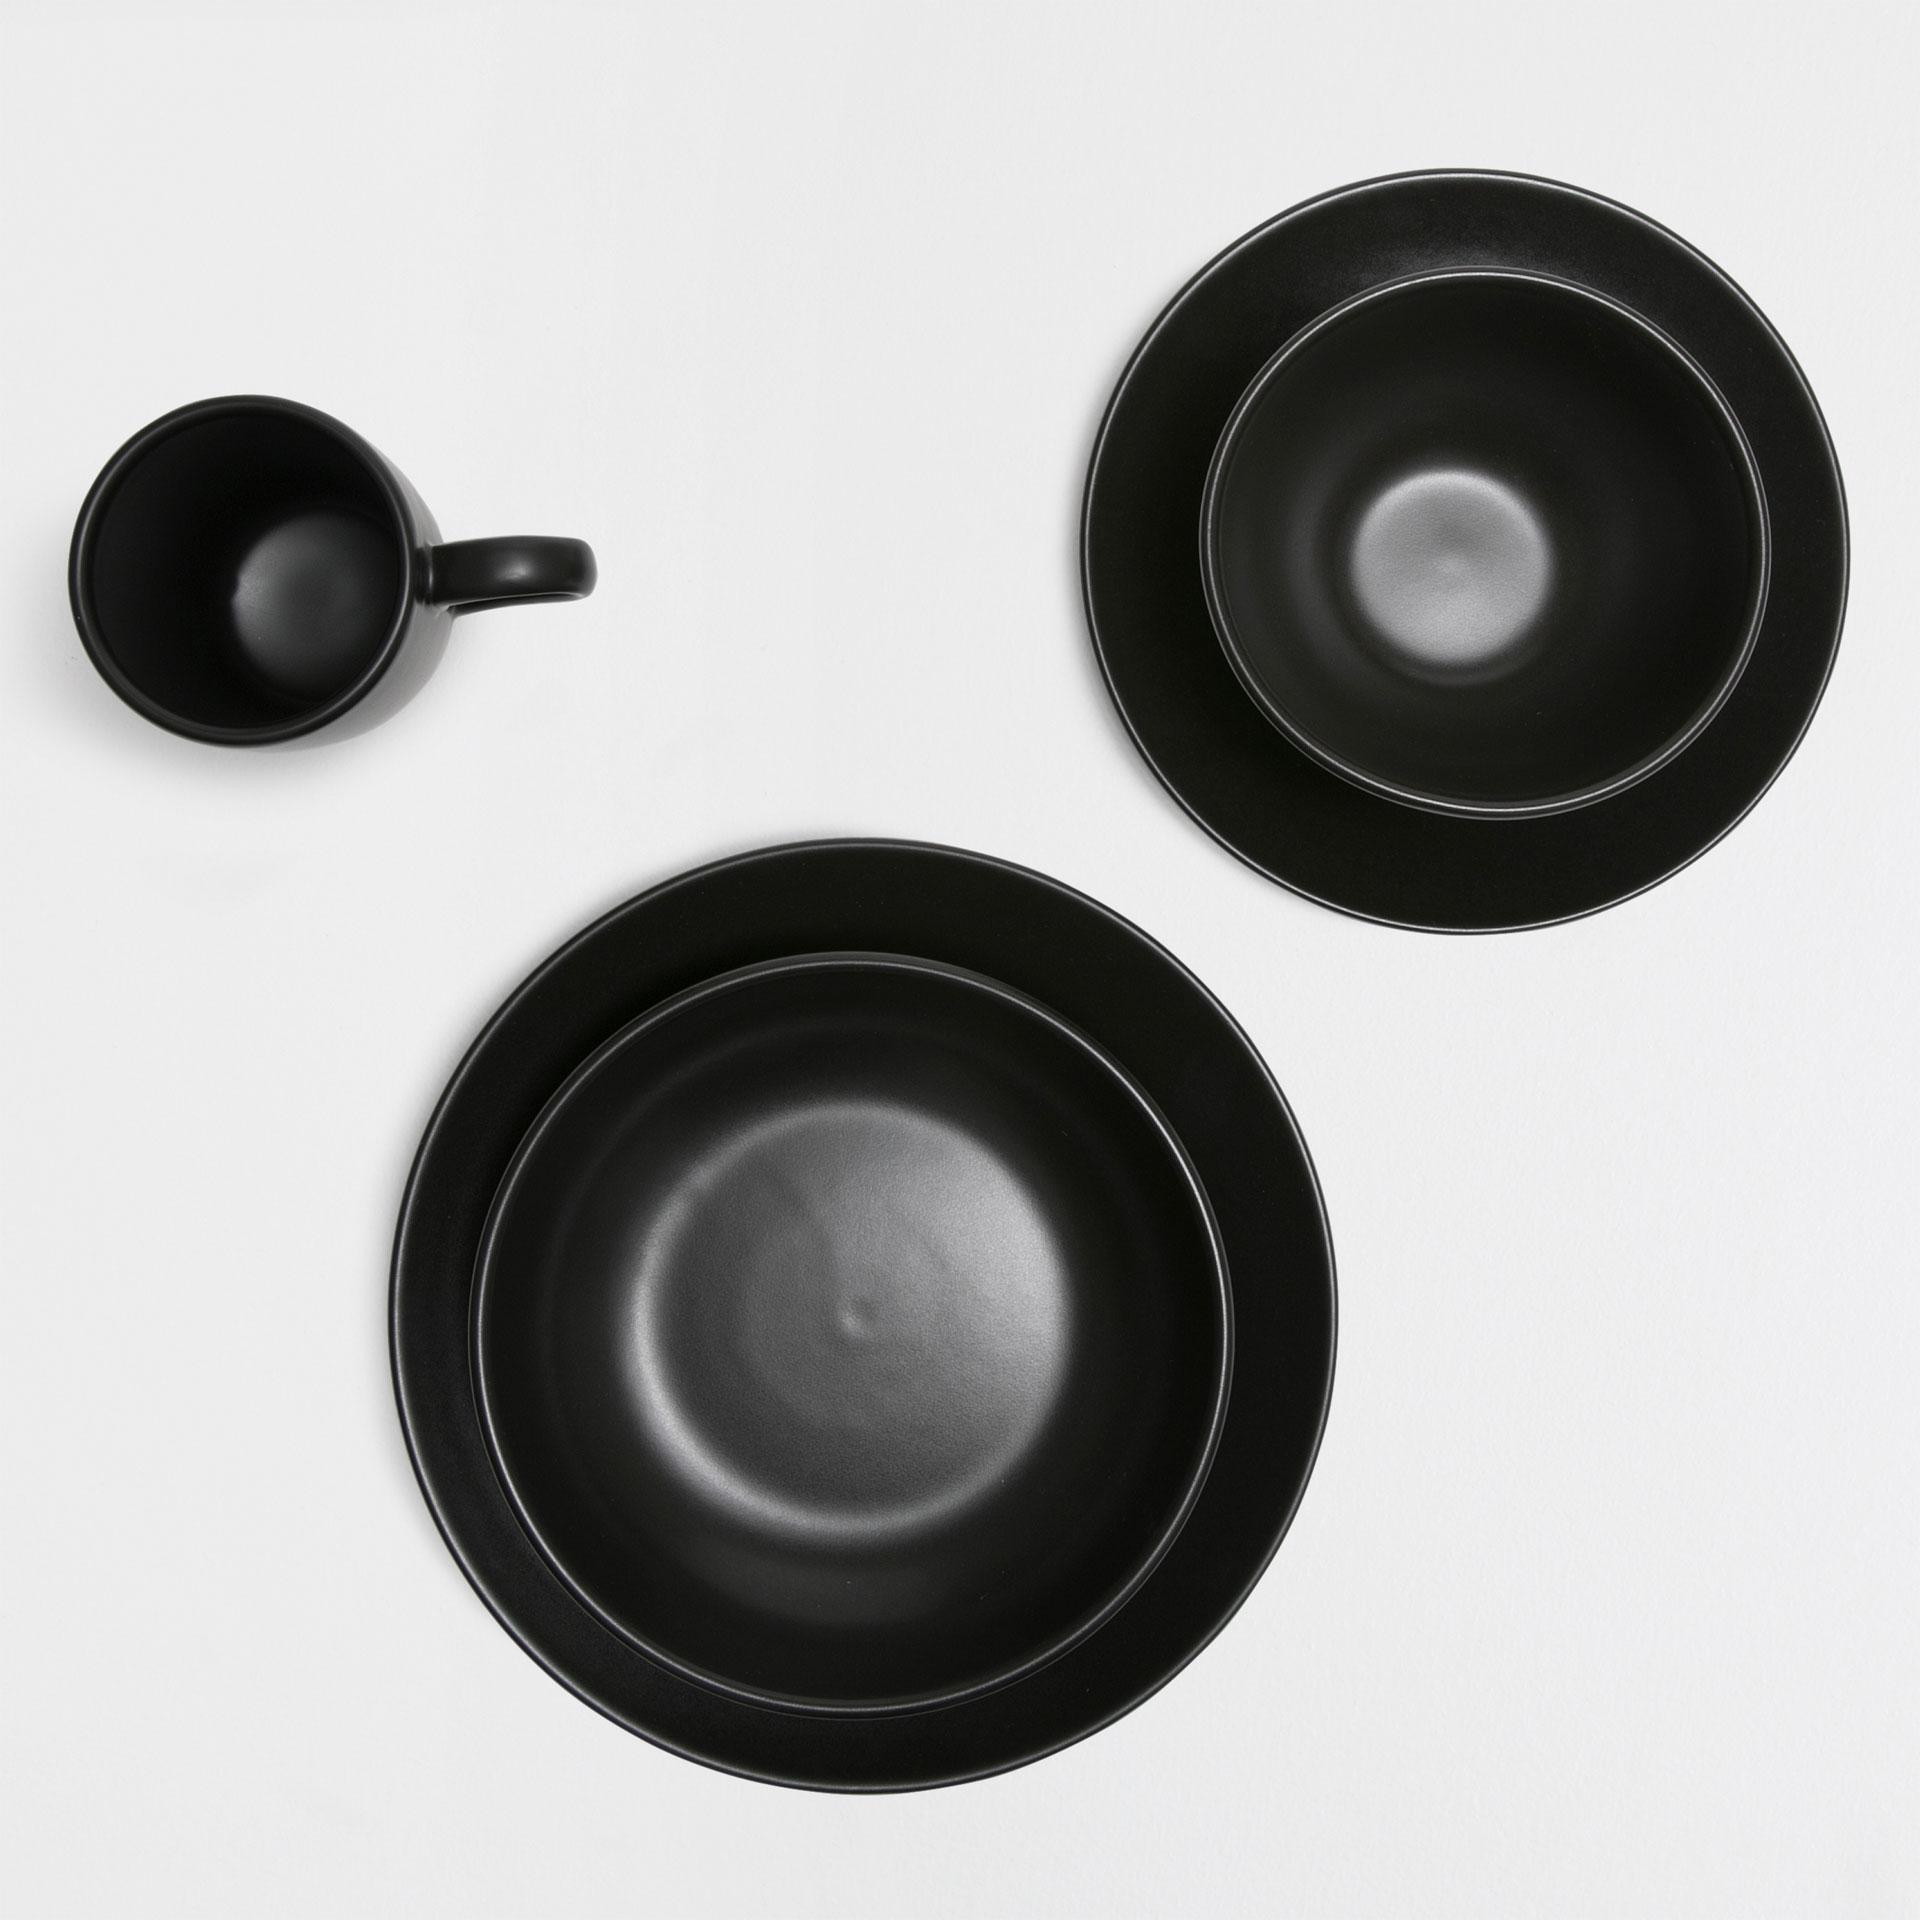 noir-vaisselle-zara